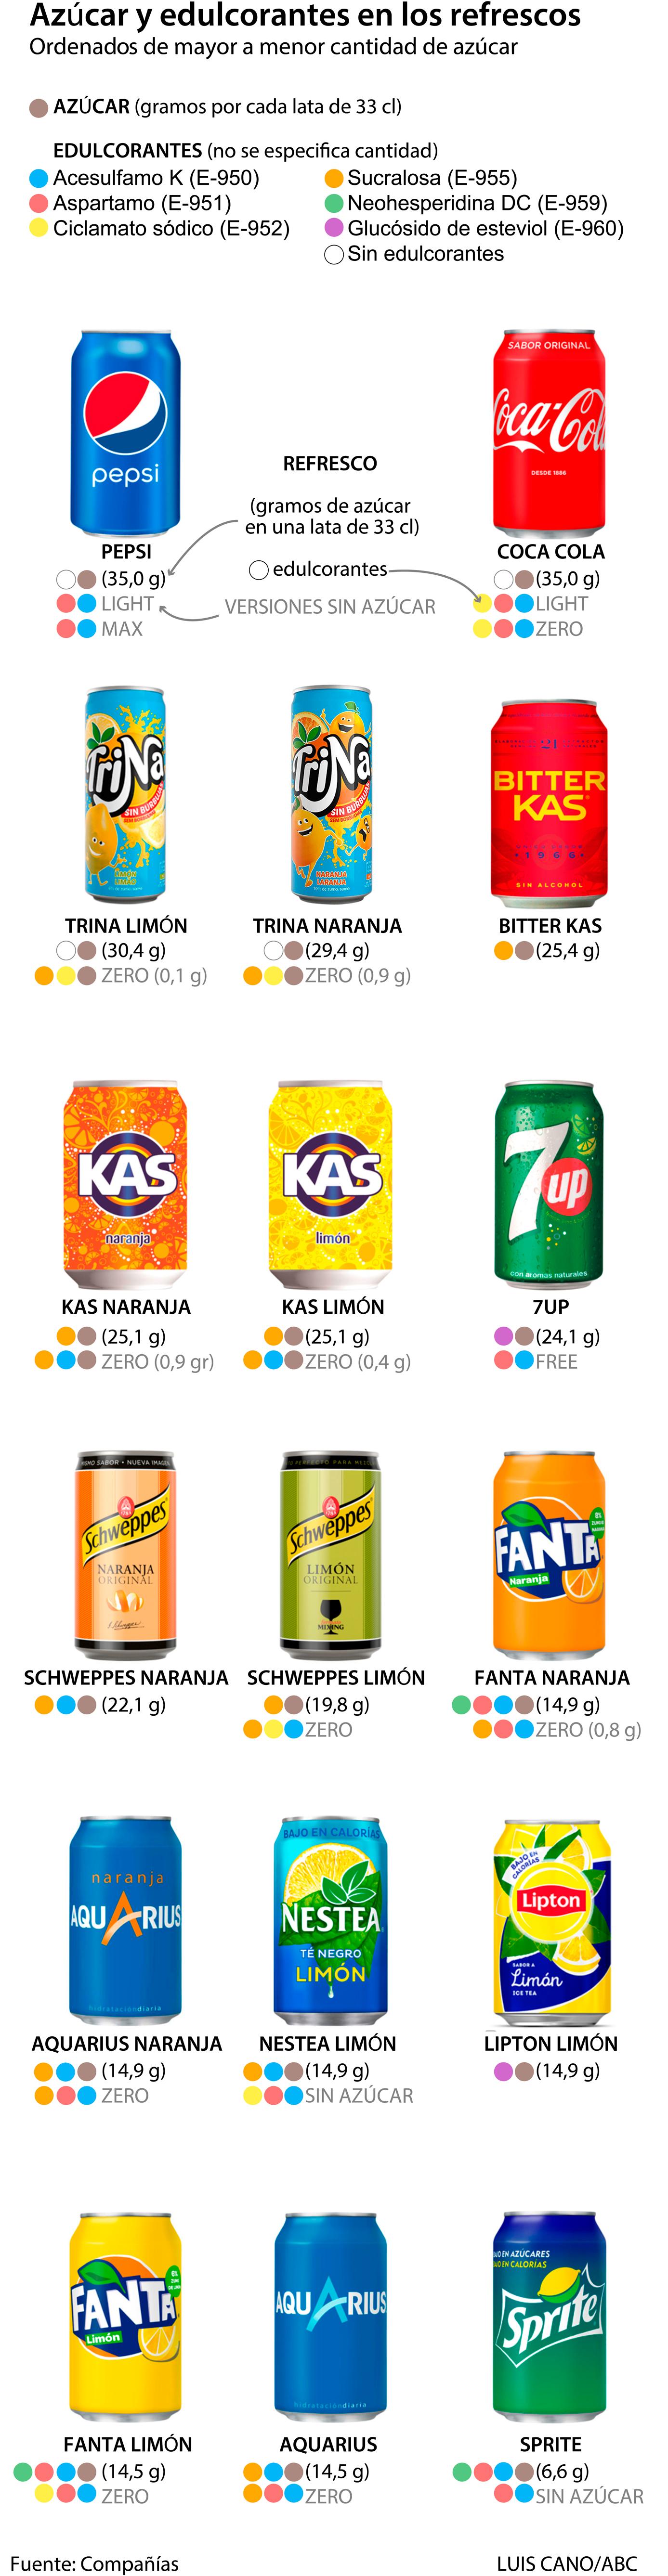 Cantidad de azúcar y edulcorantes en los refrescos